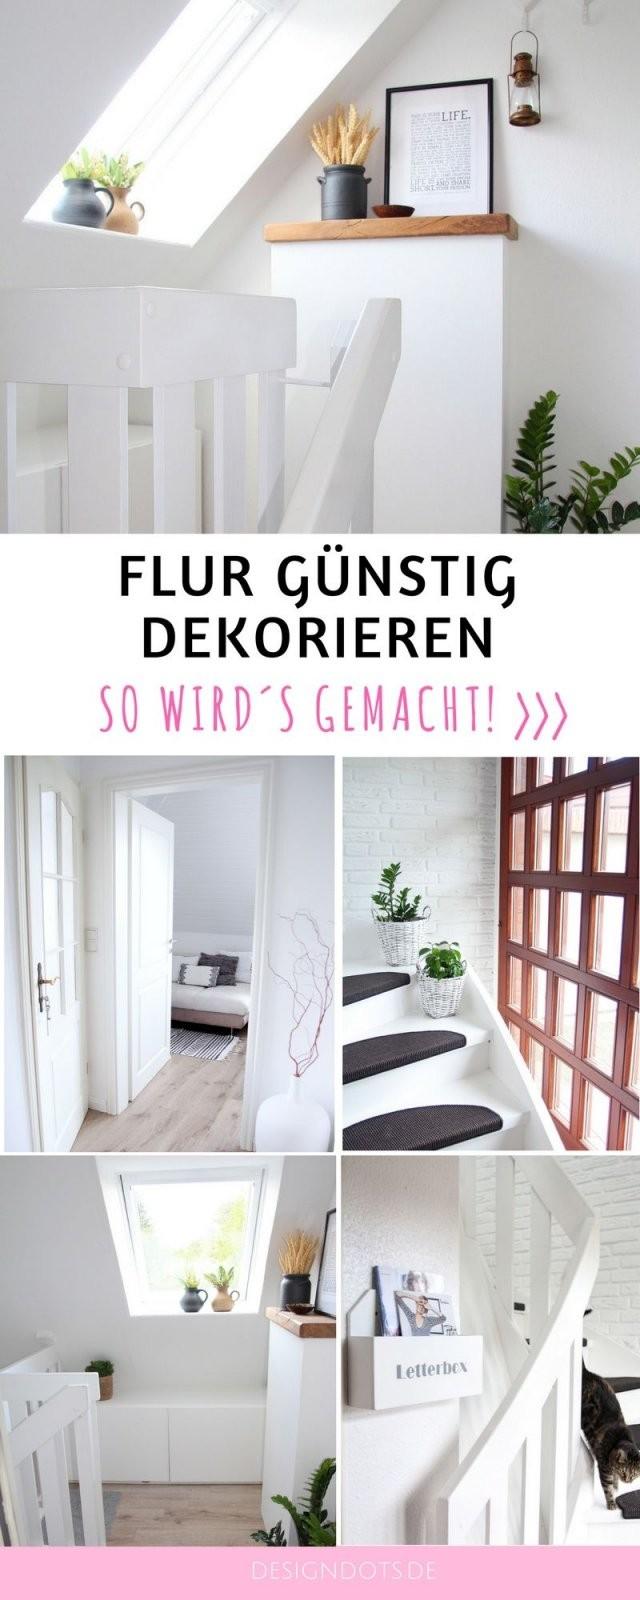 Flur Renovieren Vorher Nachher  Design Dots Blog Und Zuhause von Wohnzimmer Renovieren Ideen Bilder Photo